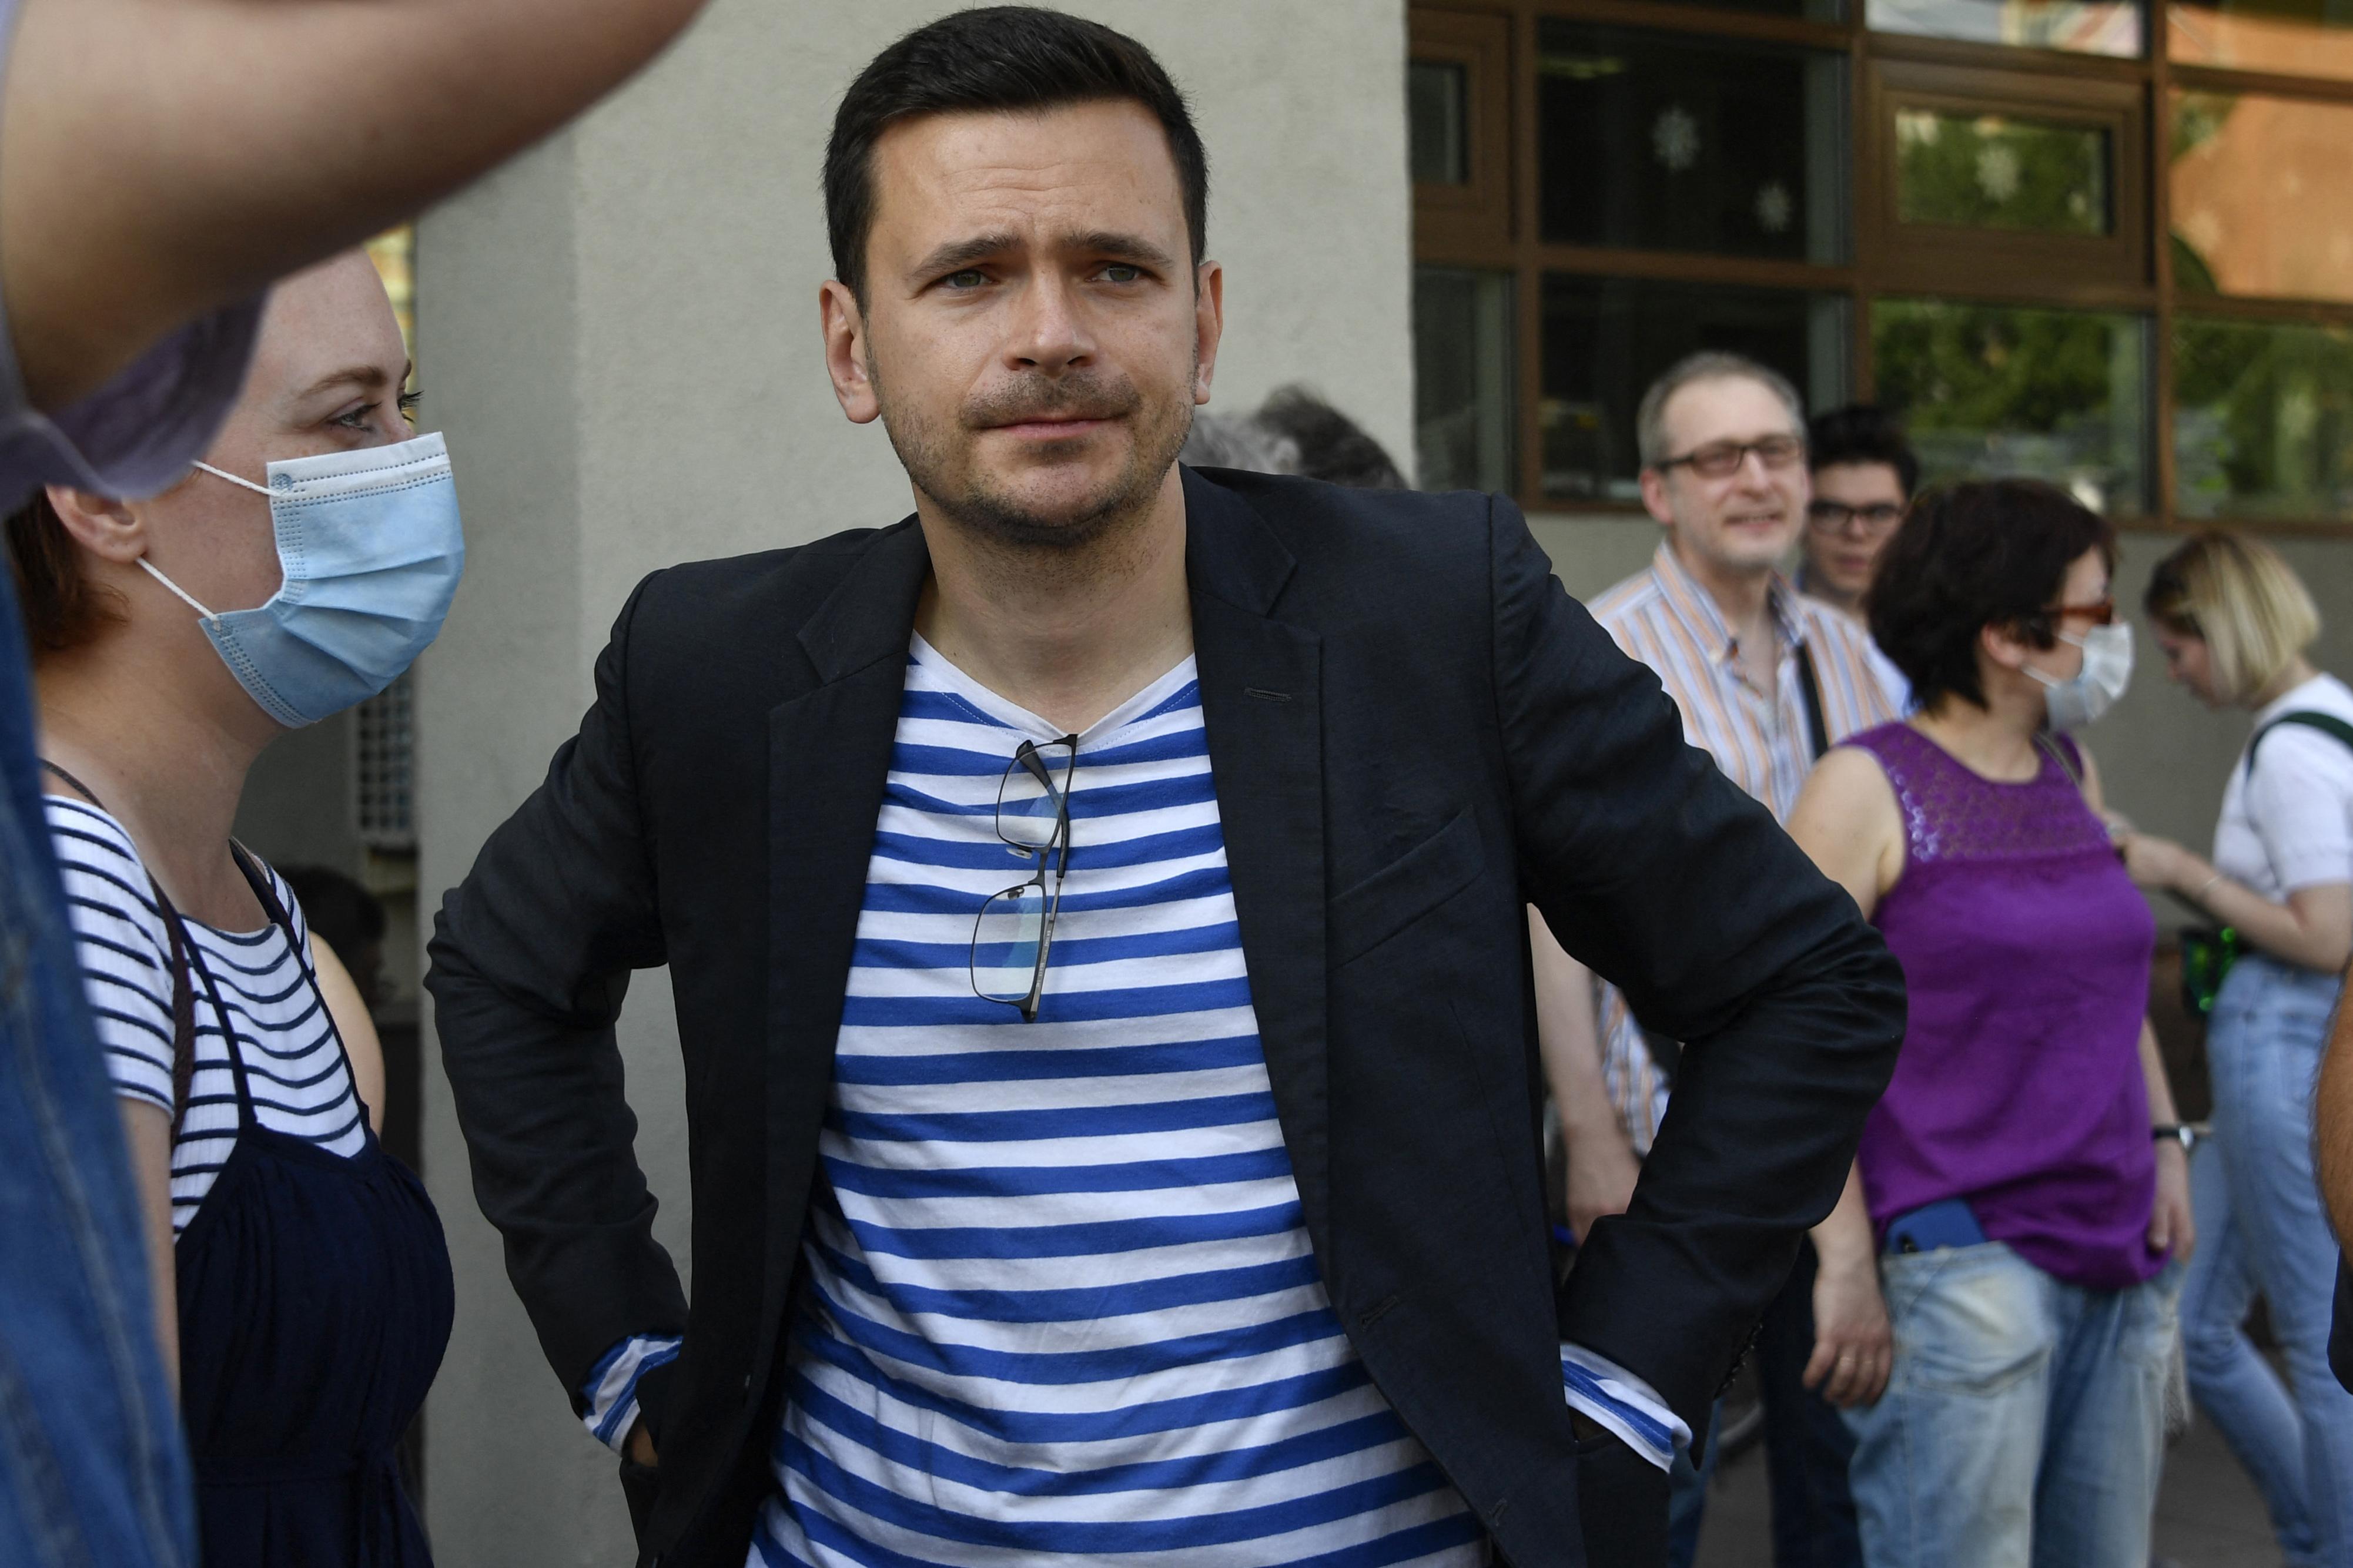 A moszkvai rendőrség megakadályozott egy ellenzéki tanácskozást, sokakat őrizetbe vettek